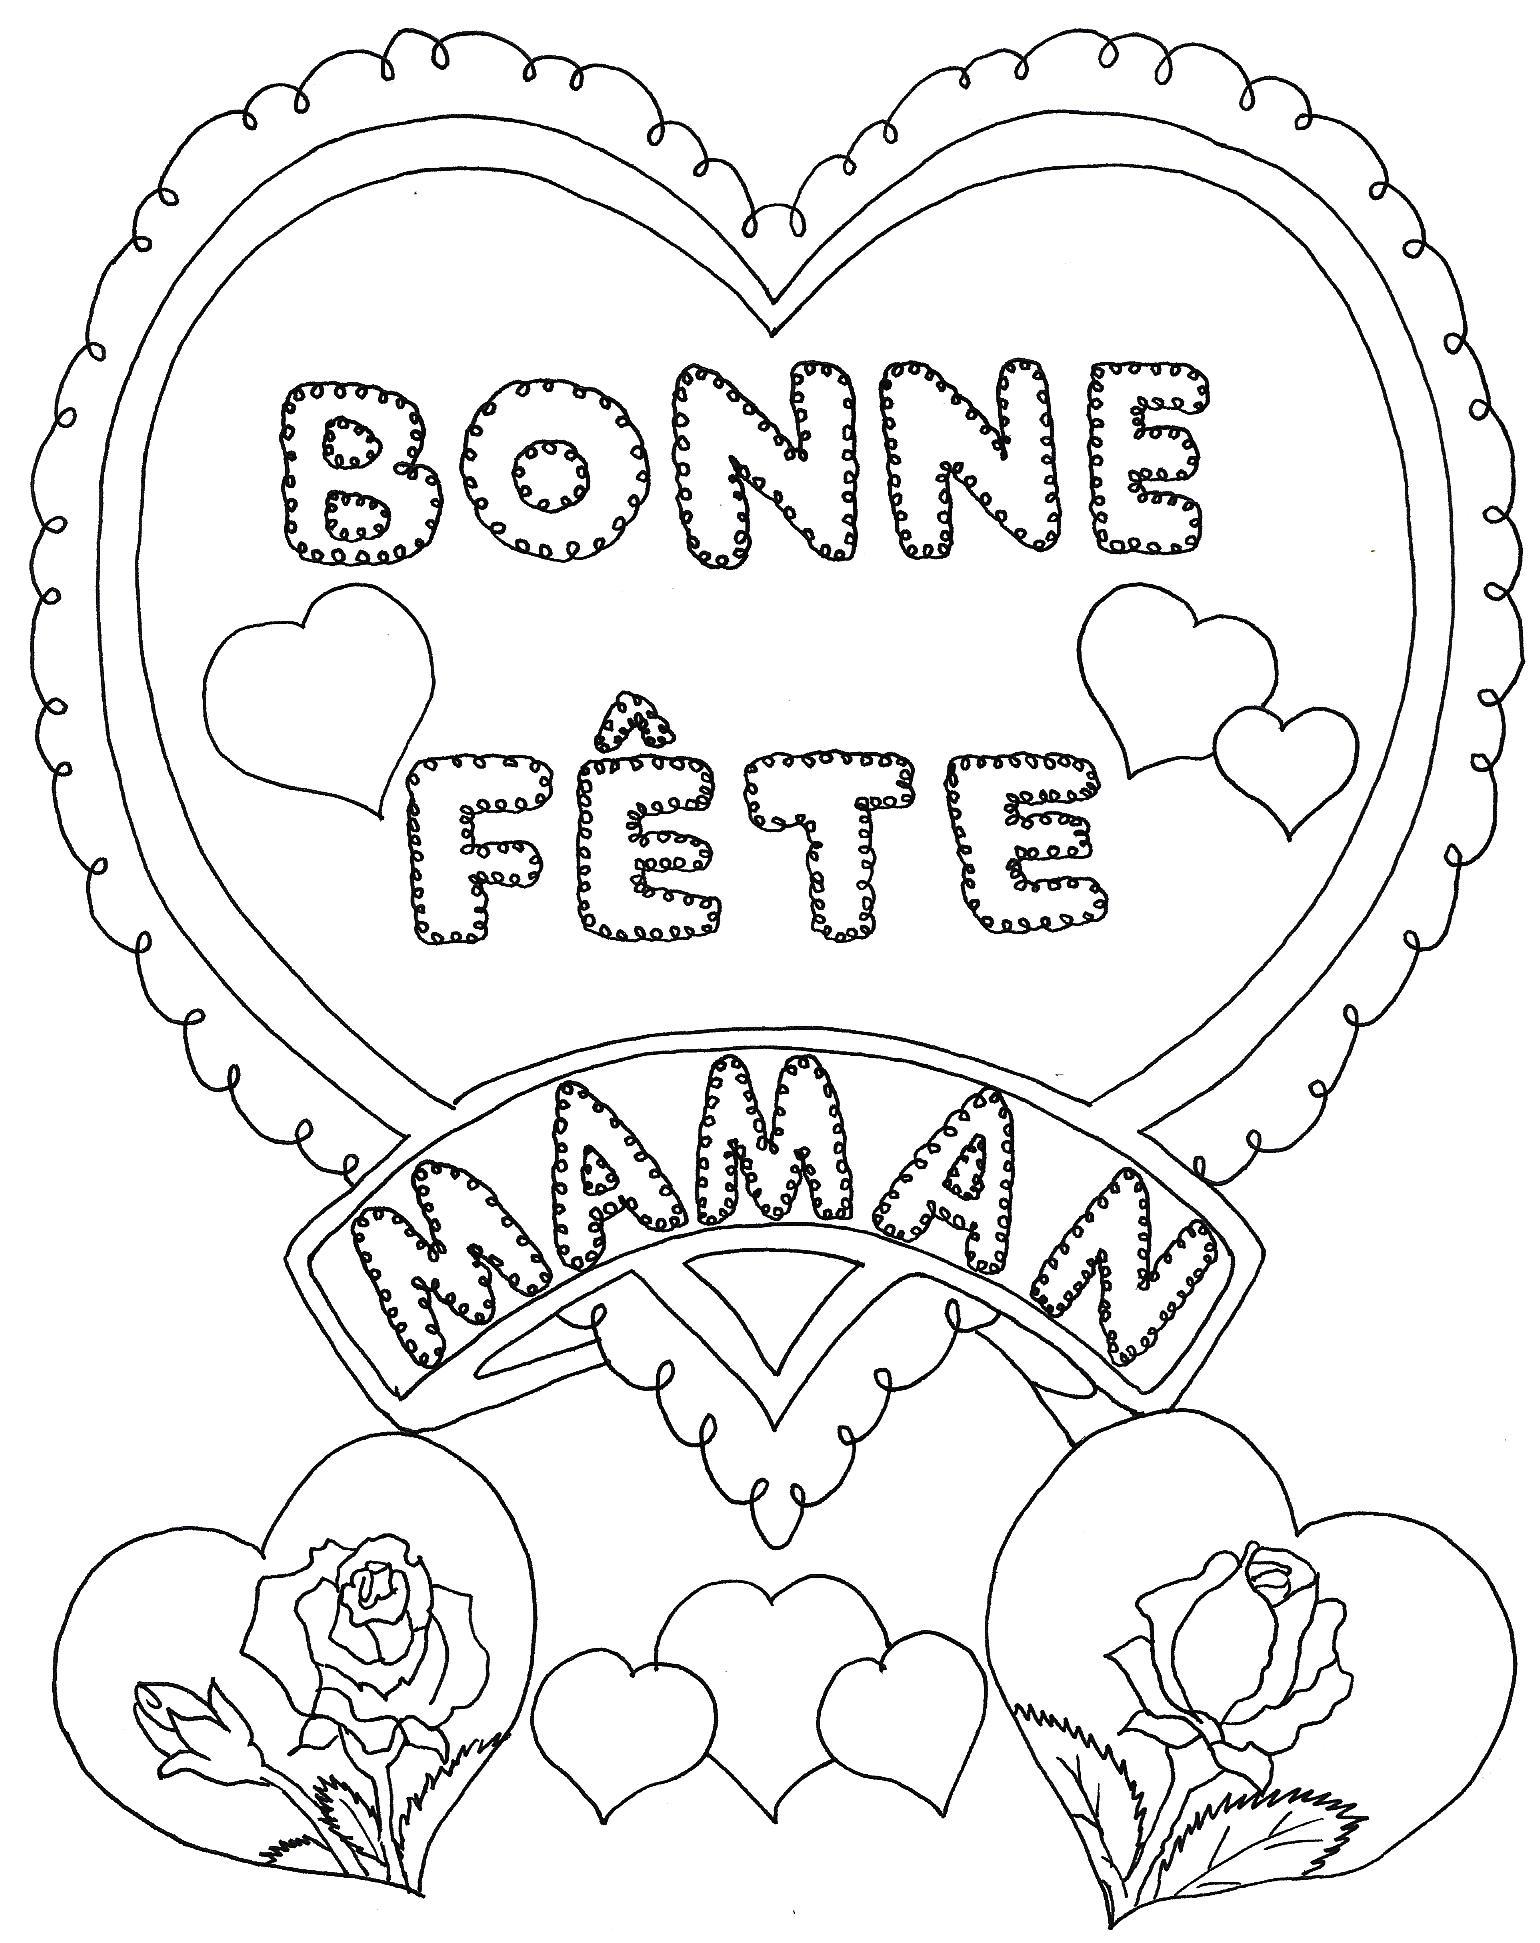 119 dessins de coloriage f te des m res imprimer - Coloriage avec des coeurs ...